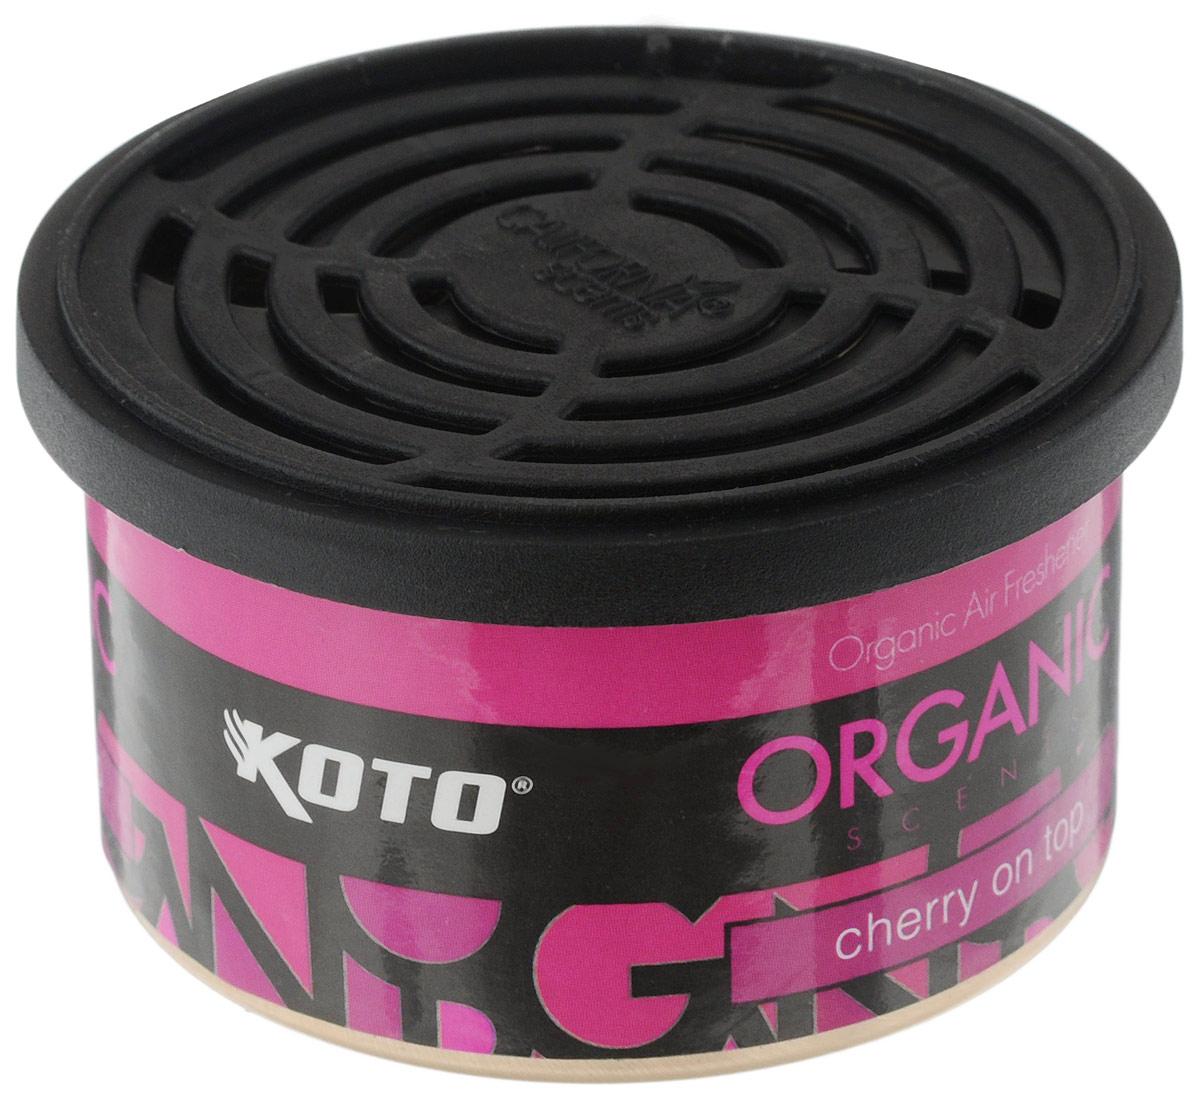 Ароматизатор автомобильный Koto Organic, вишняFPO-108Автомобильный ароматизатор Koto Organic эффективно устраняет неприятные запахи и придает приятный аромат вишни. Внутри - органический наполнитель, который не растекается и не вредит окружающей среде. Ароматизатор имеет удобную крышку-регулятор, так что интенсивность аромата вы сможете настроить сами. Стойкий аромат держится около 60 дней. Ароматизатор может быть расположен как на приборной панели, так и под сиденьем автомобиля. Товар сертифицирован.